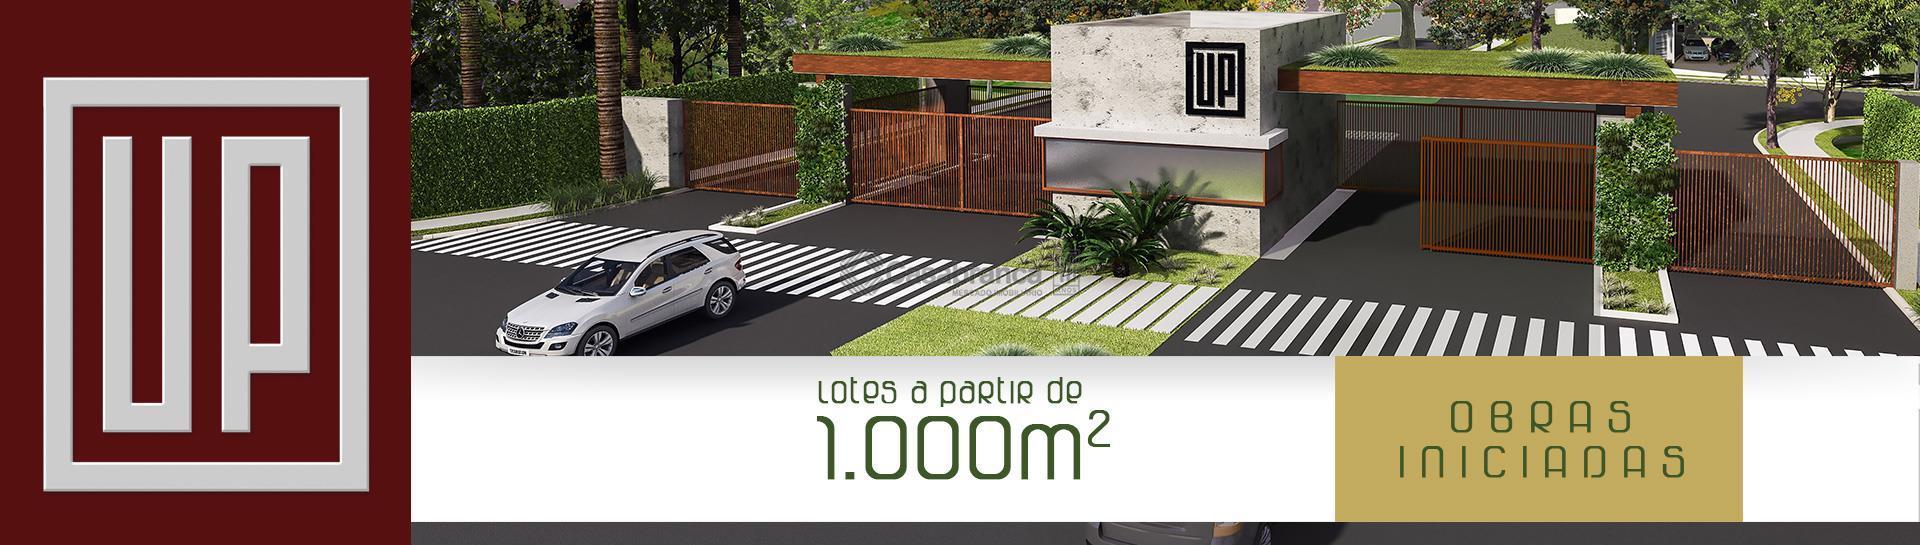 Terreno,Condomínio up residencial, Sorocaba , 1167 m²